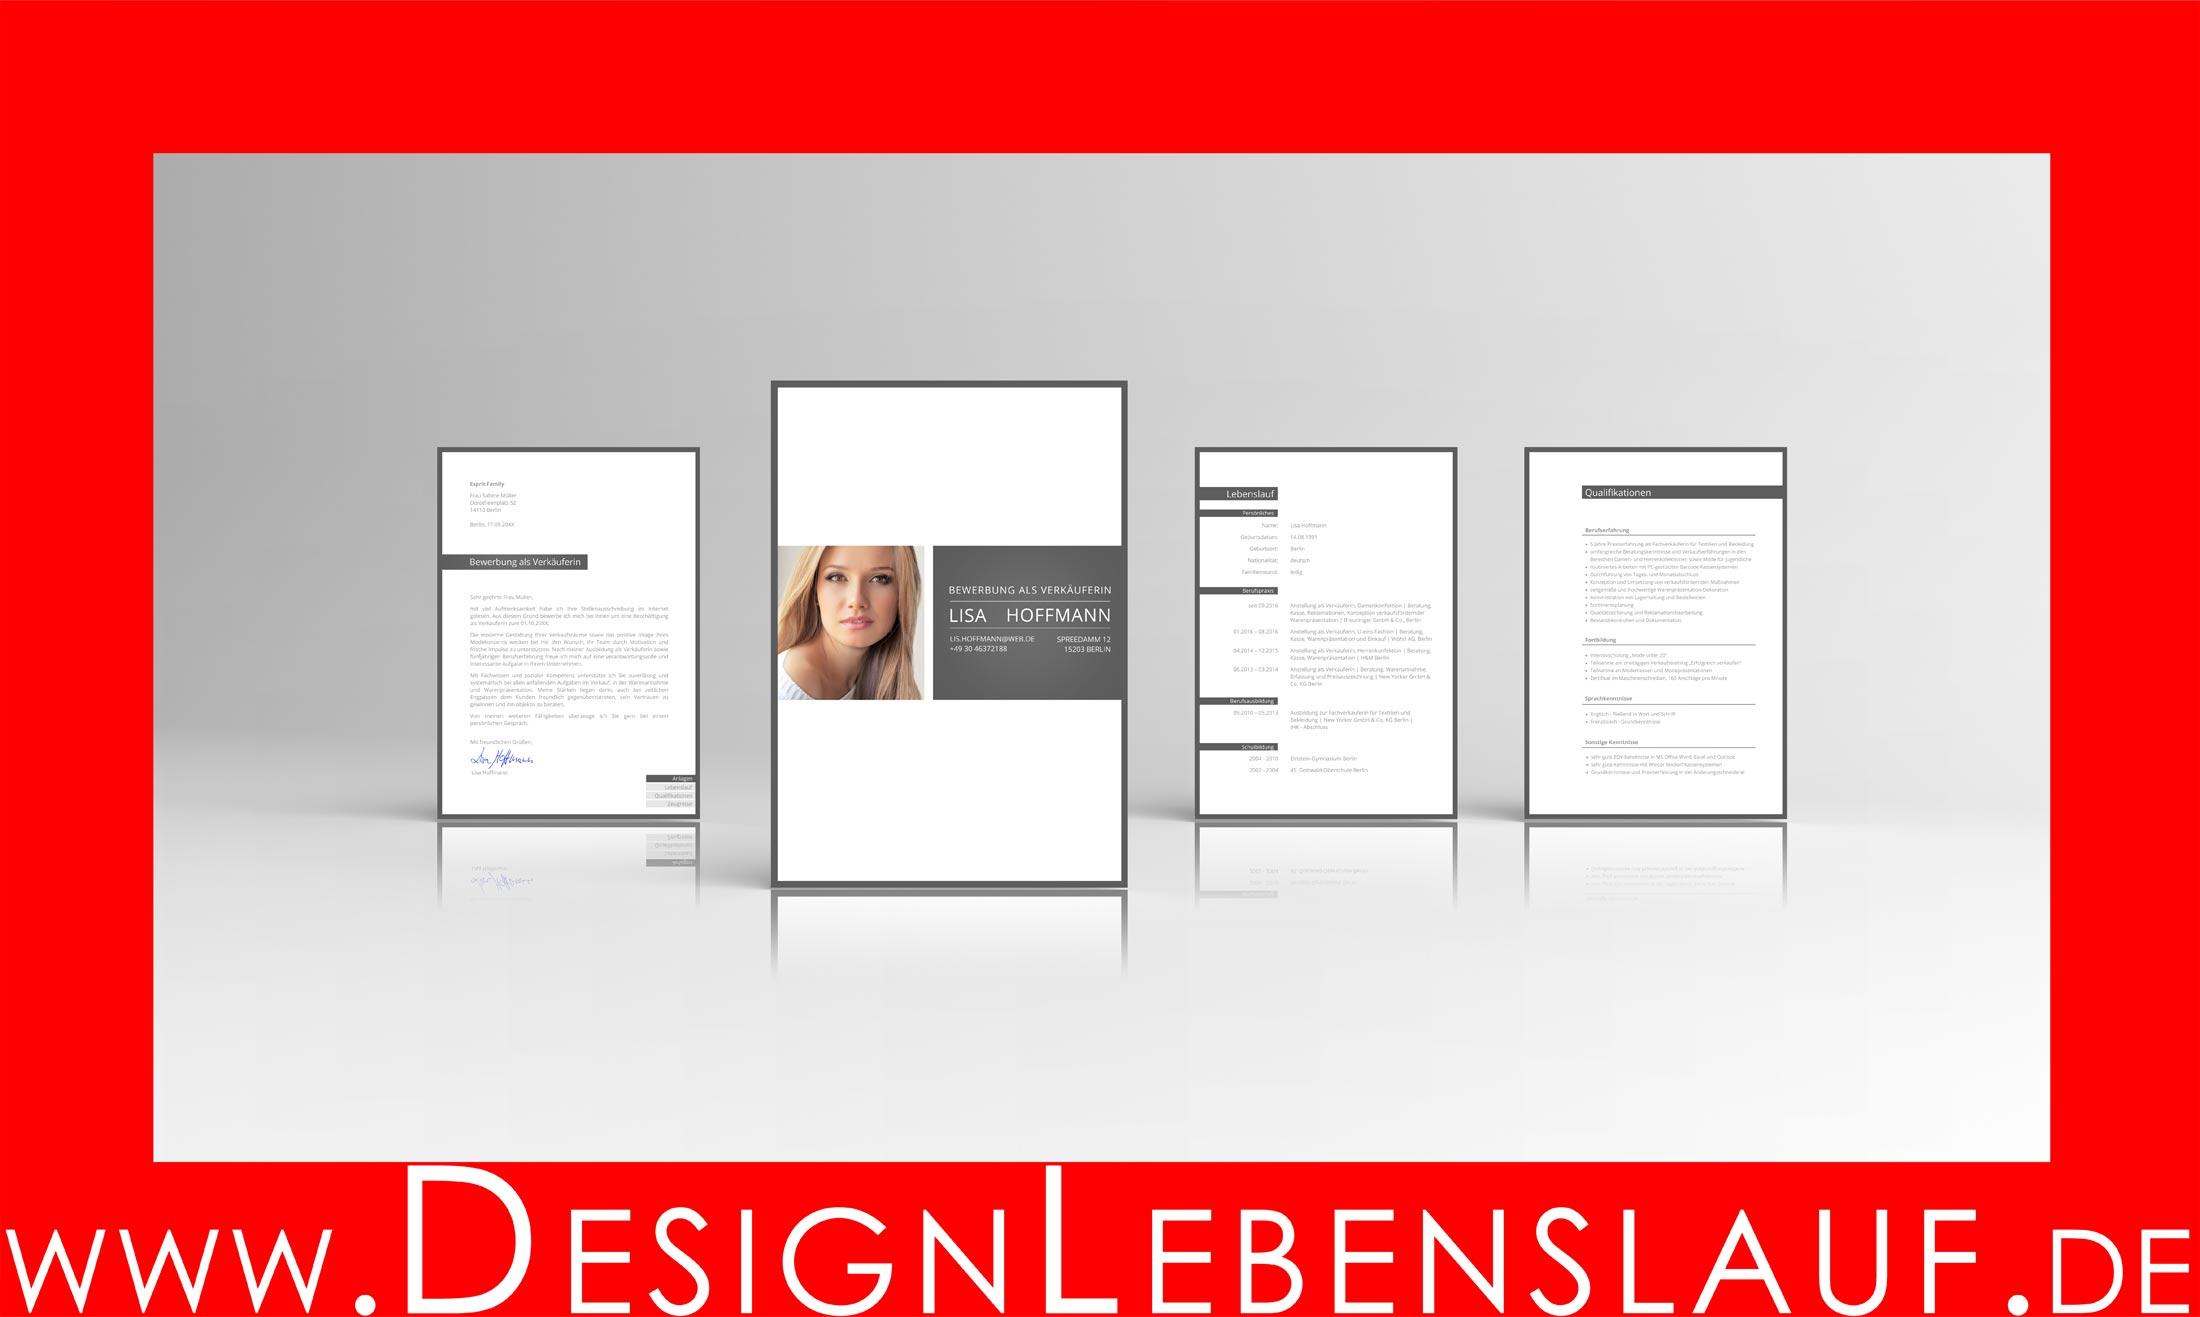 Initiativbewerbung vorlage in word zum herunterladen for Praktikum design